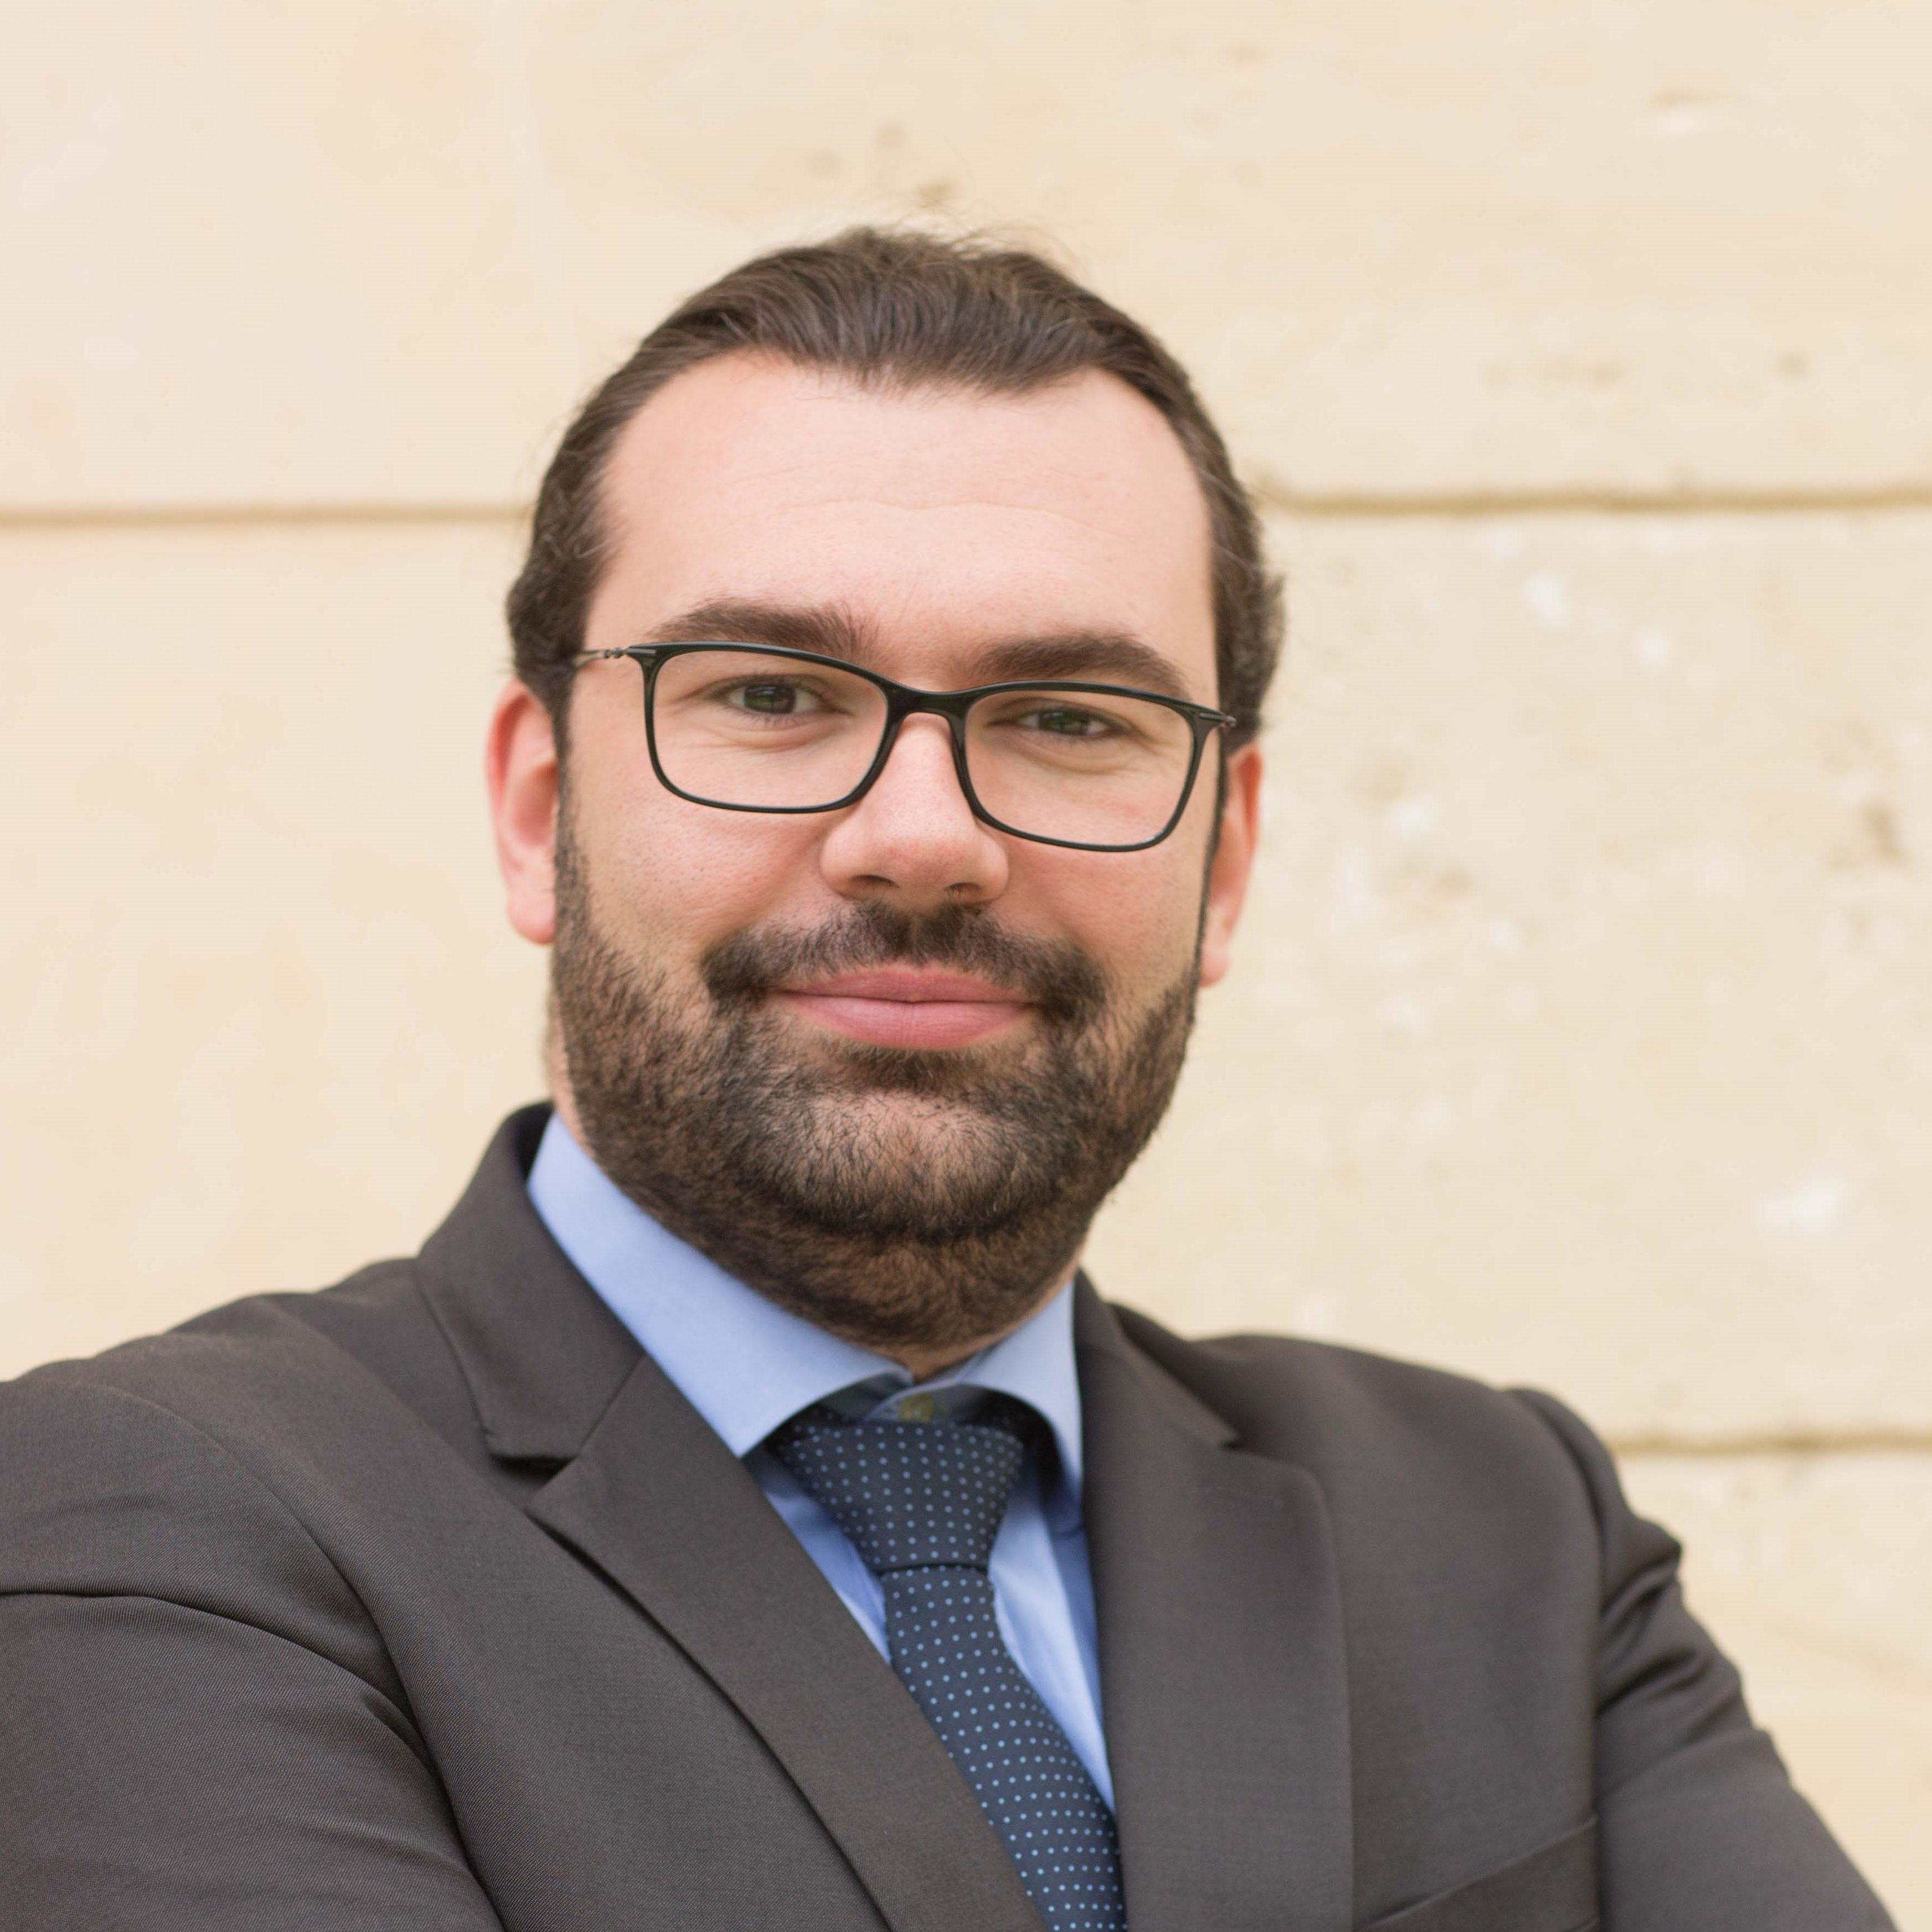 Julien Malizard